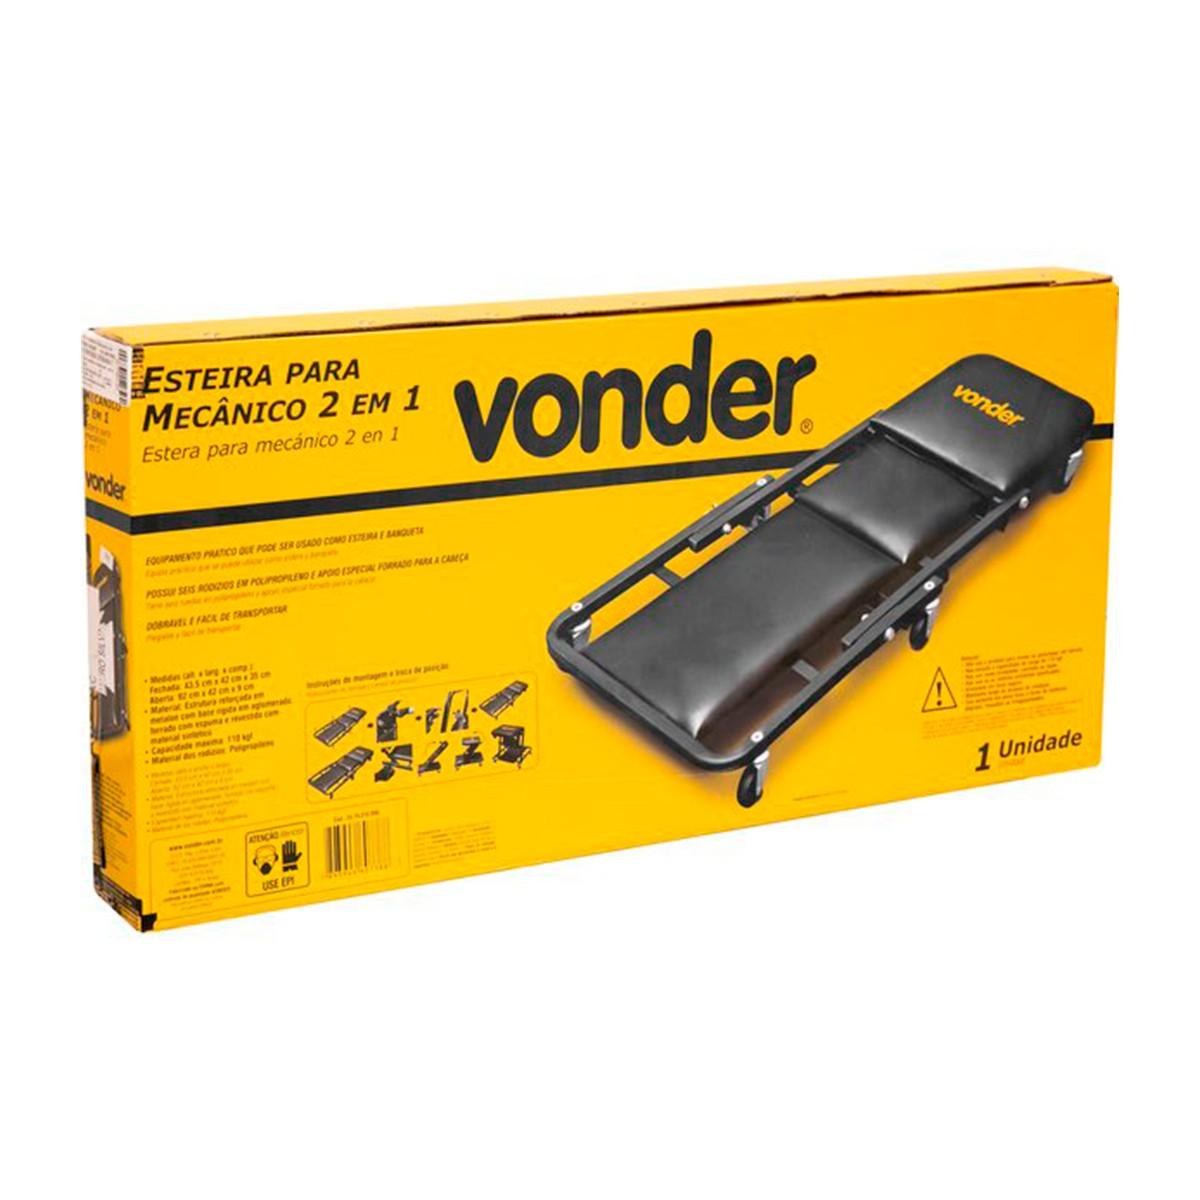 Esteira Para Mecânico 2 em1 - Vonder